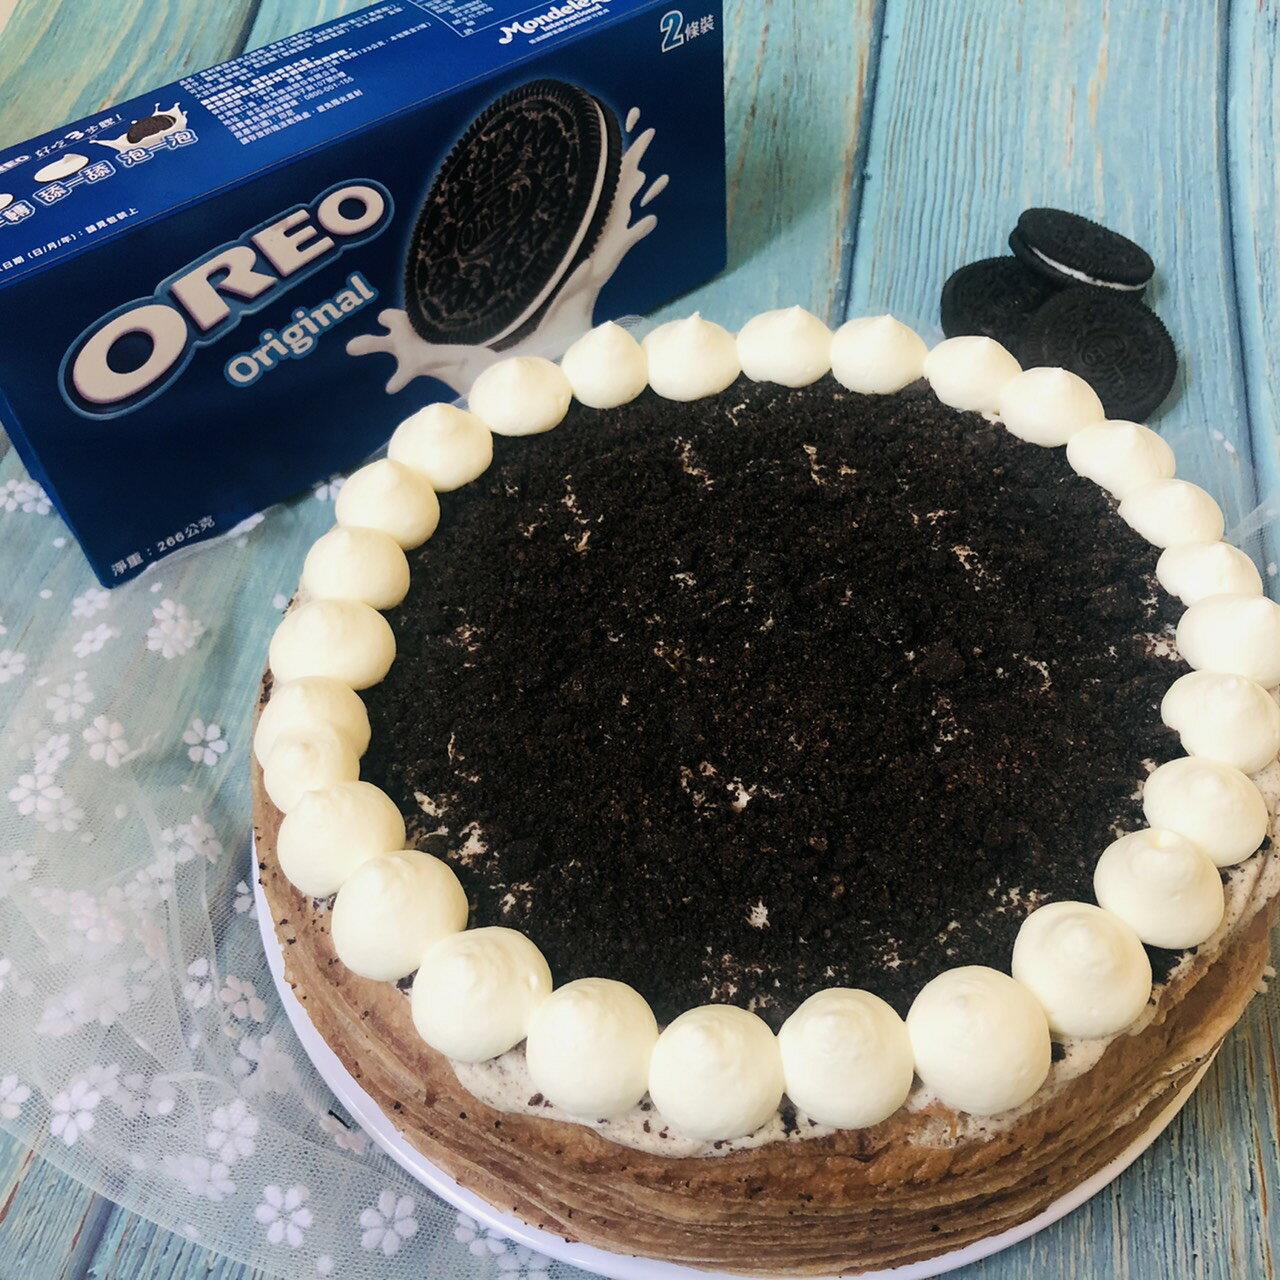 【巧希法式千層蛋糕】Oreo千層蛋糕 8吋 /手工製作/每天限量